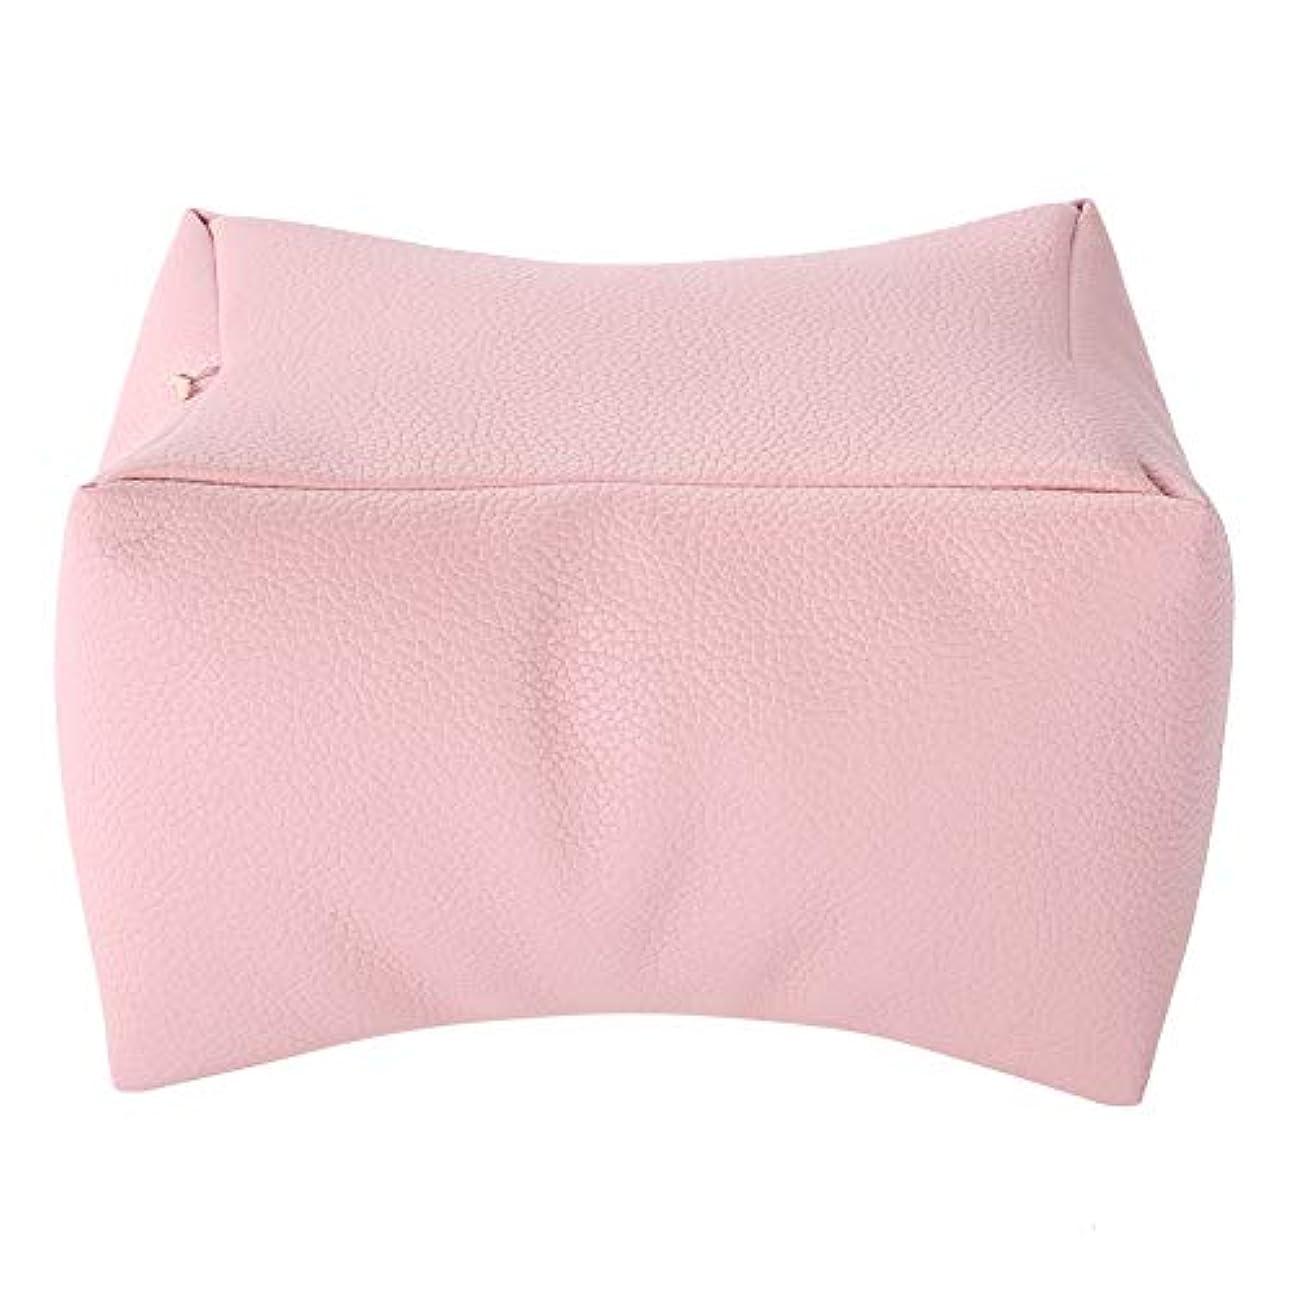 量ひいきにする管理しますネイル用アームレスト アームレスト ネイル ハンドクッション 手をサポート(ピンク)